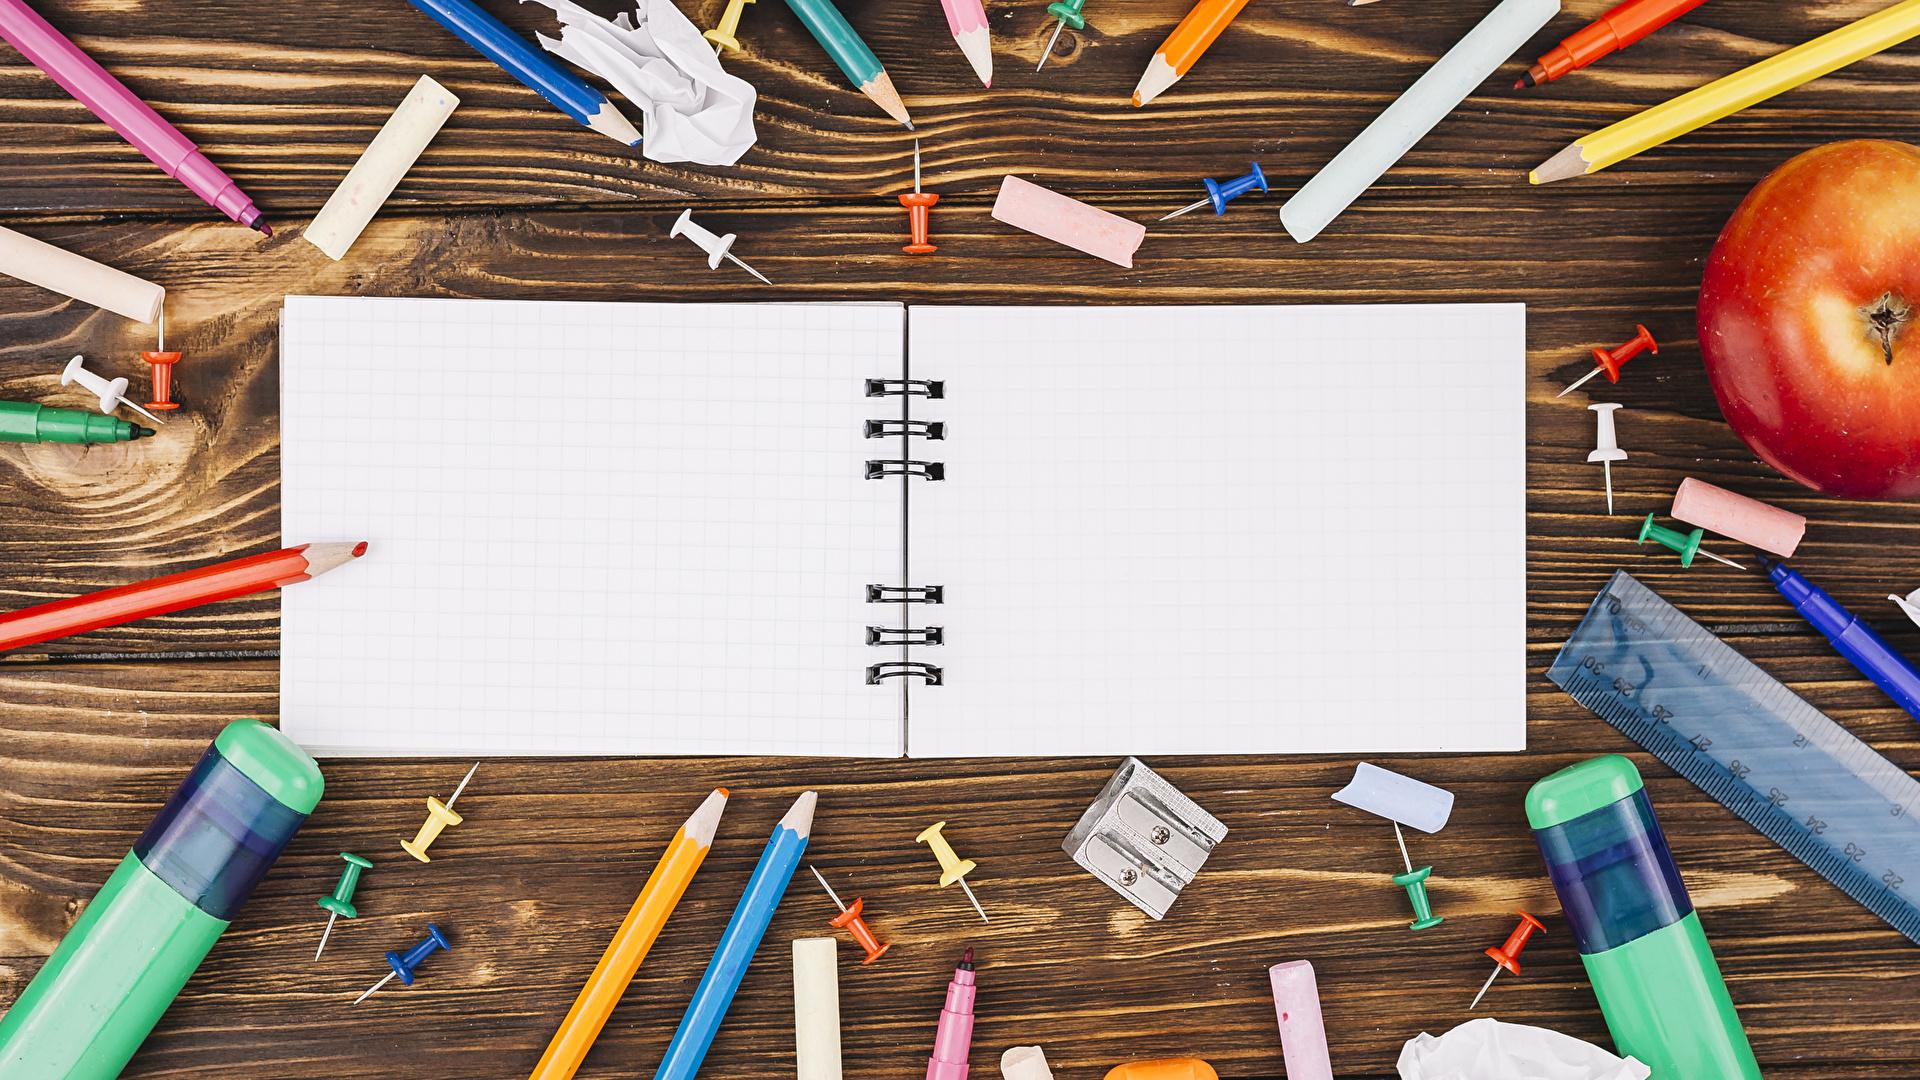 Фото Канцелярские товары школьные карандаш Тетрадь Доски 1920x1080 Школа Карандаши карандаша карандашей